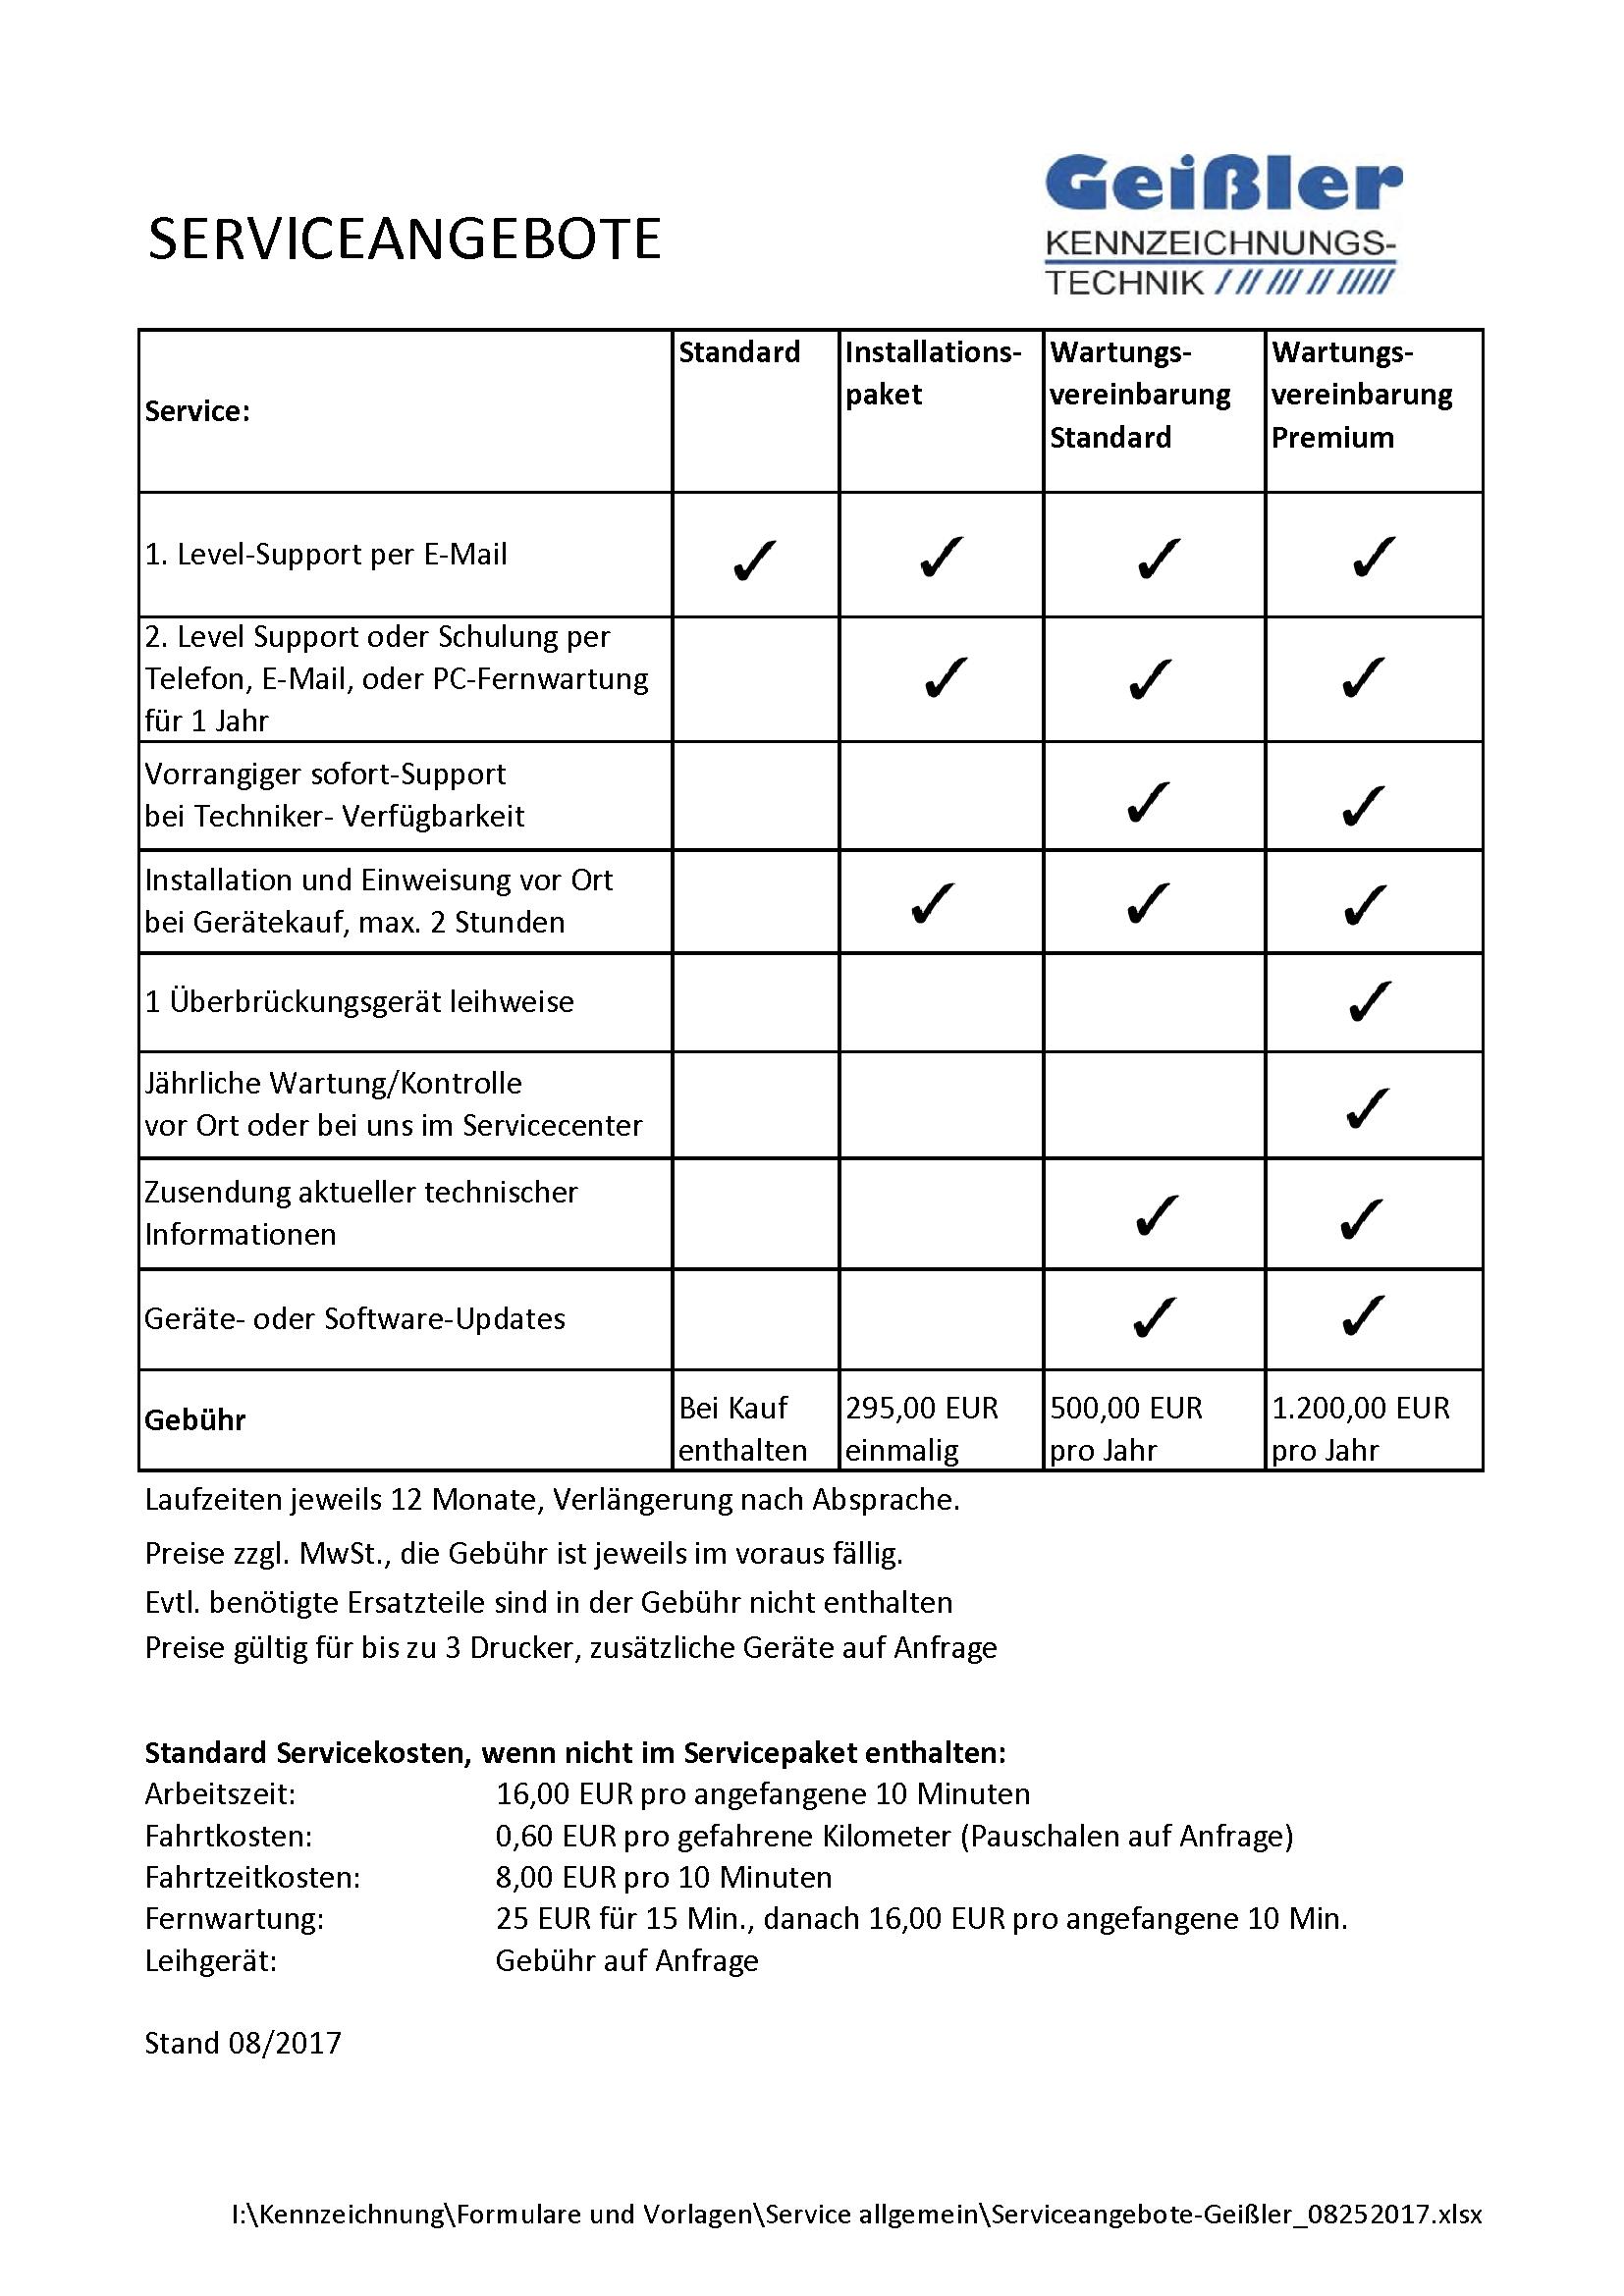 Serviceangebote-Geissler_25082017